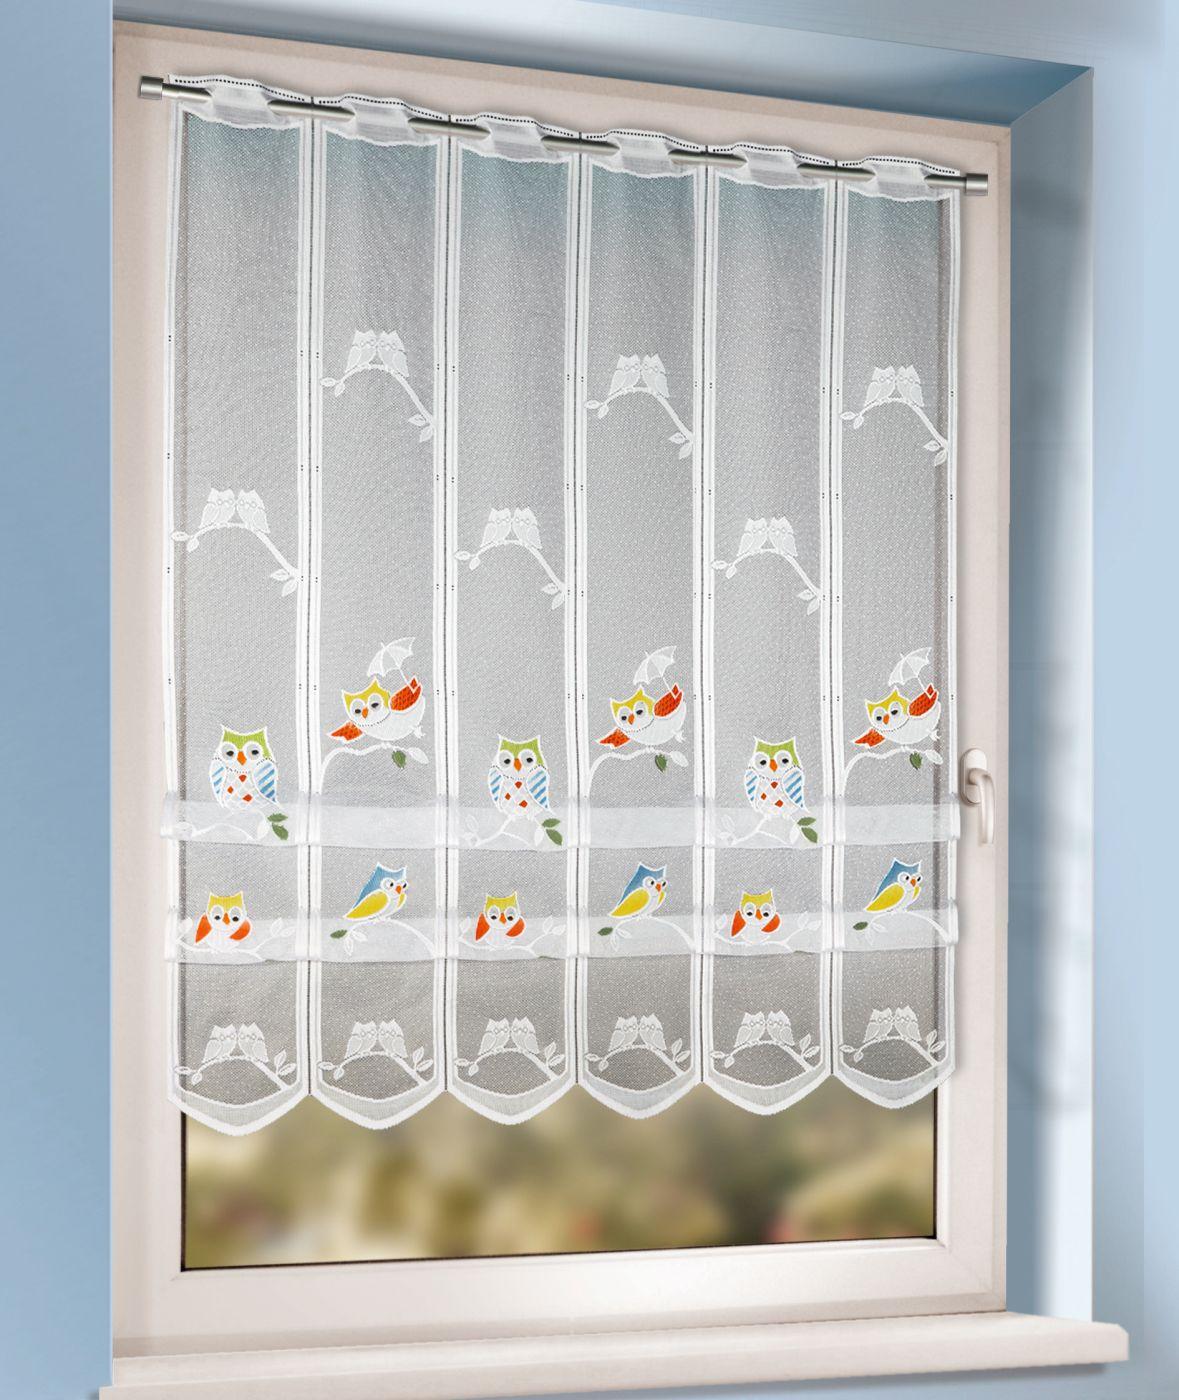 Full Size of Raffrollo Kinderzimmer Mit Buntem Eulenmuster Kaufen Gardinen Outlet Küche Regal Regale Sofa Weiß Kinderzimmer Raffrollo Kinderzimmer